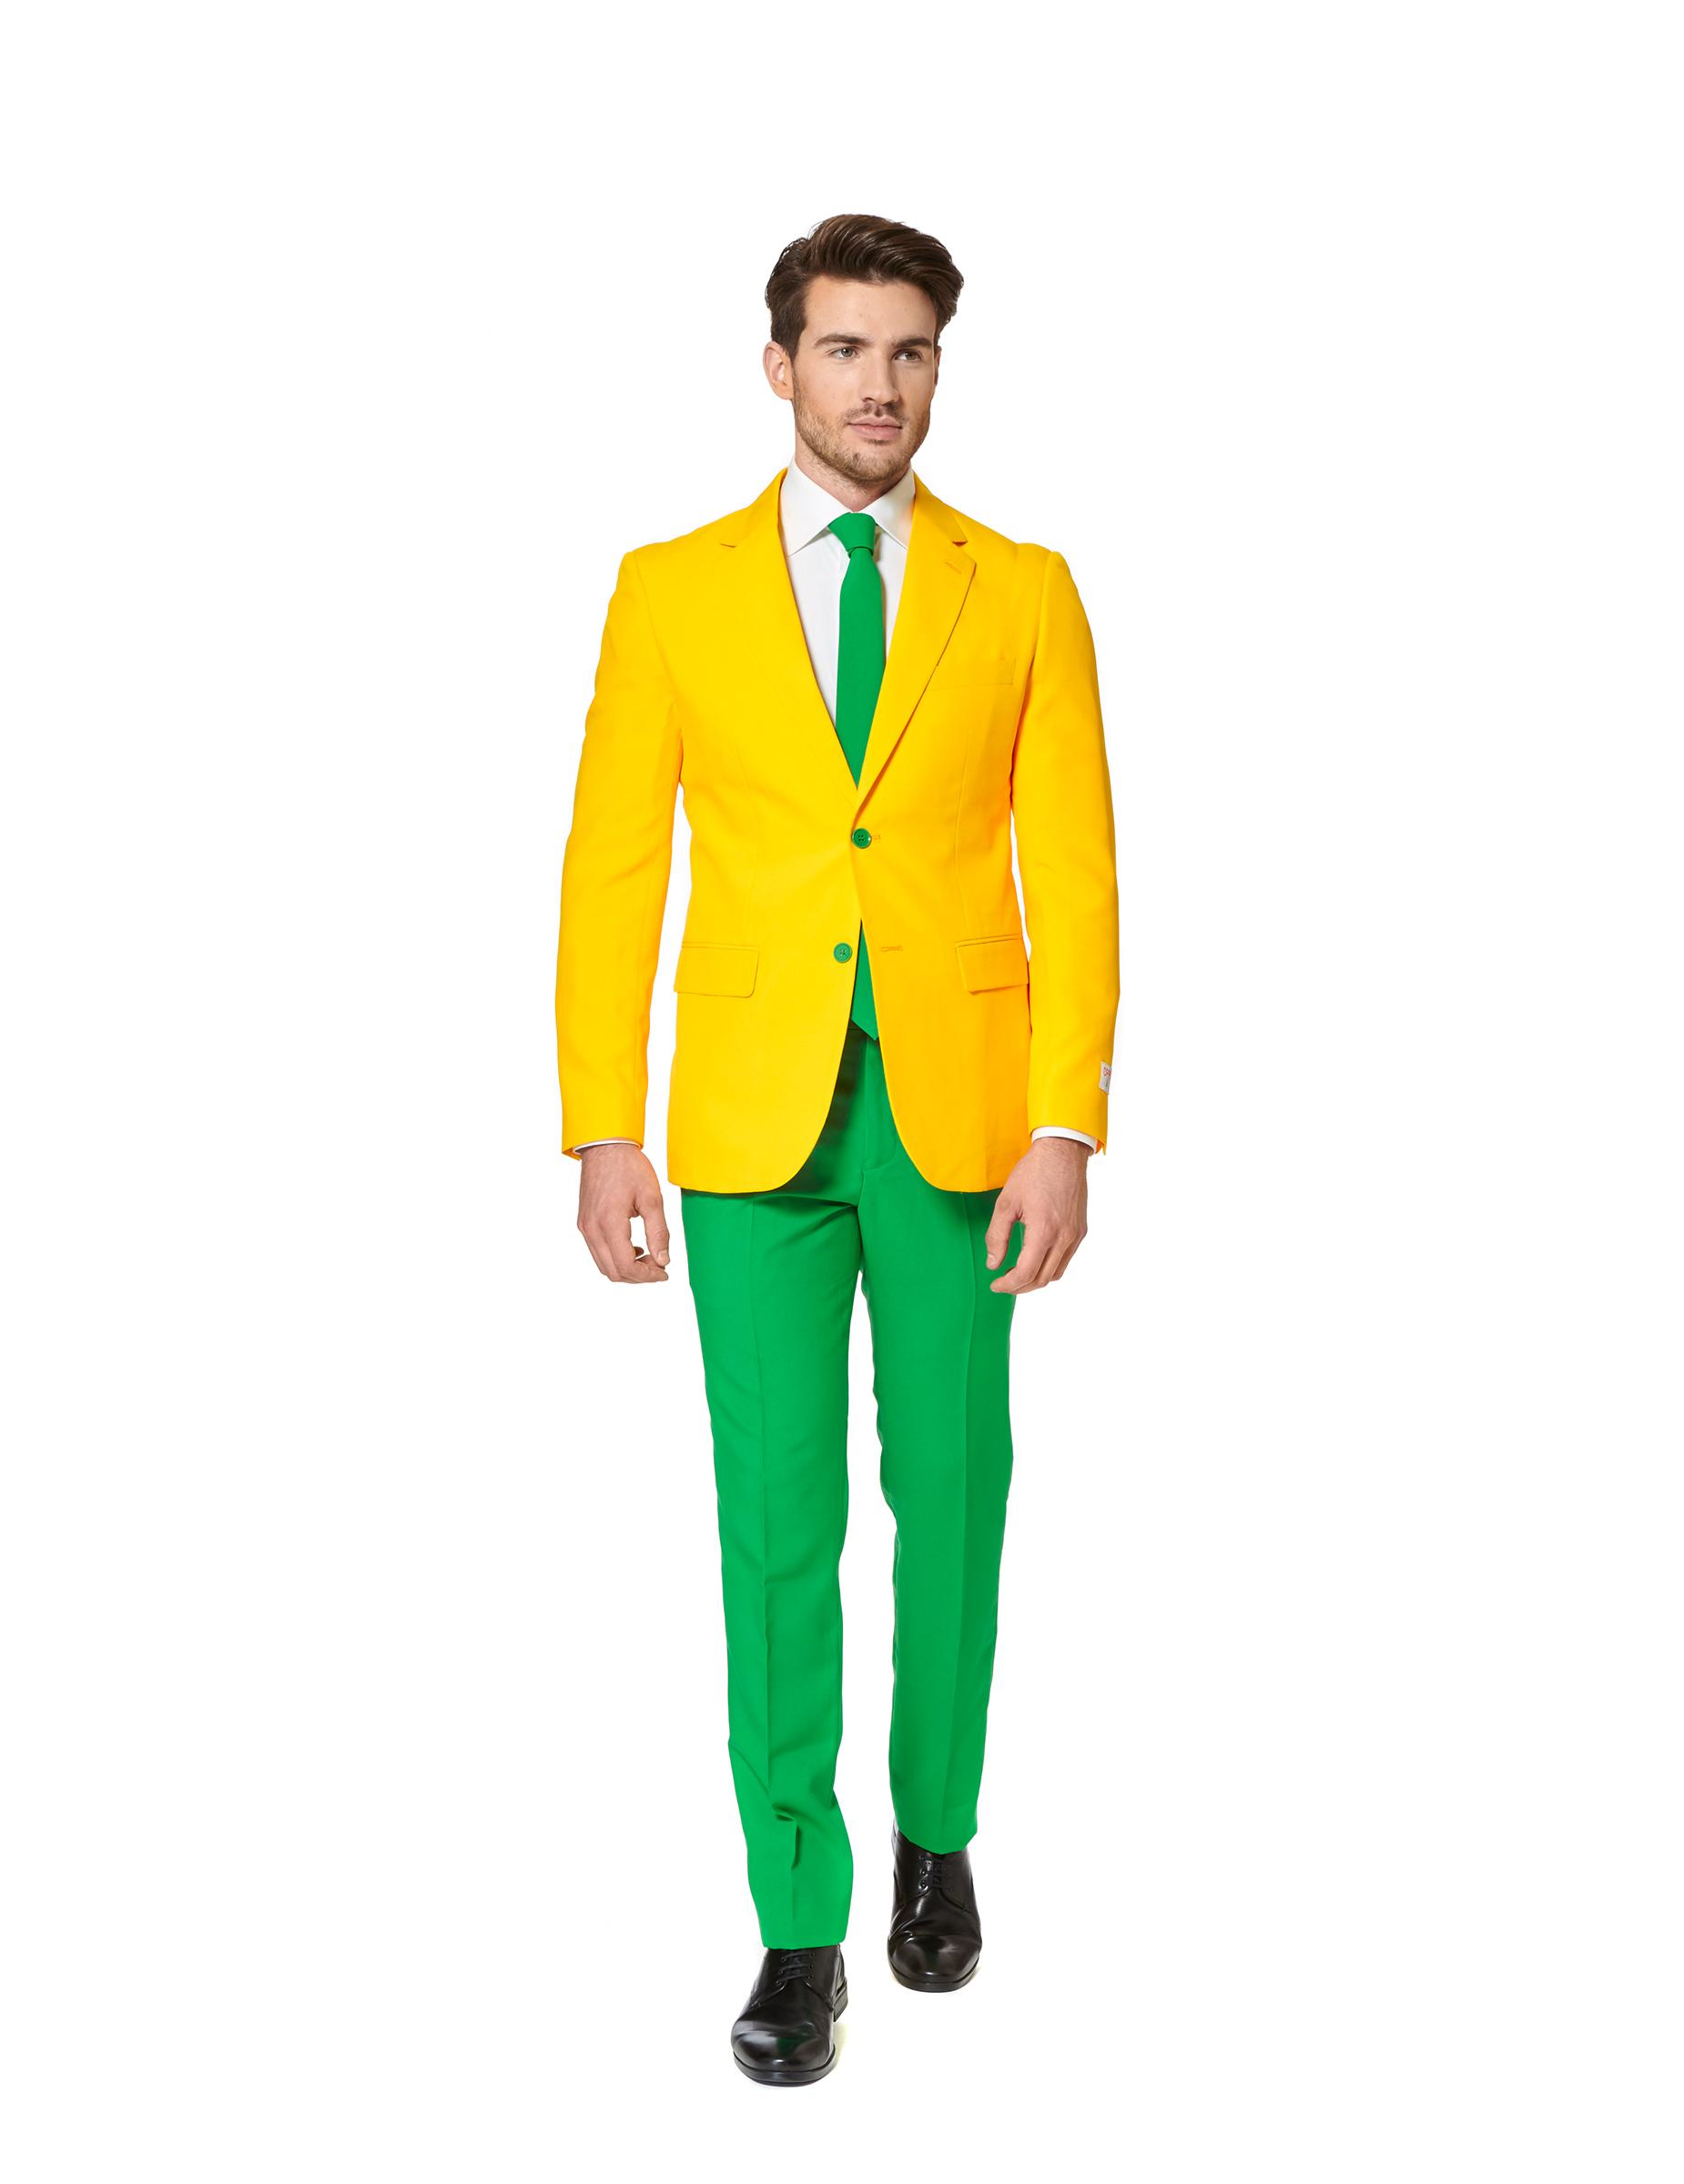 Homme Deguisement Homme Bresilien Bresilien Deguisement Deguisement Ybyfgv6I7